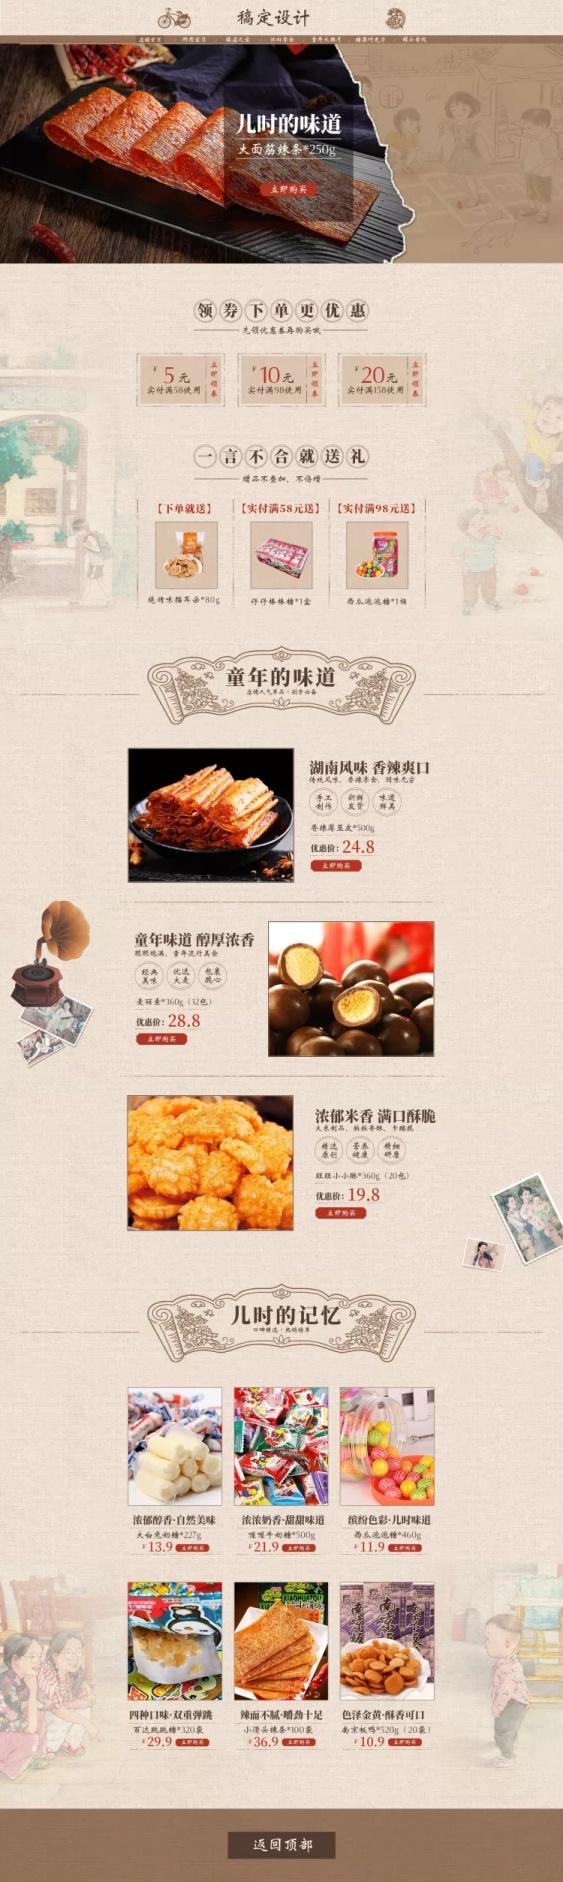 双十二/双12/日常上新/活动促销/复古/零食/店铺首页